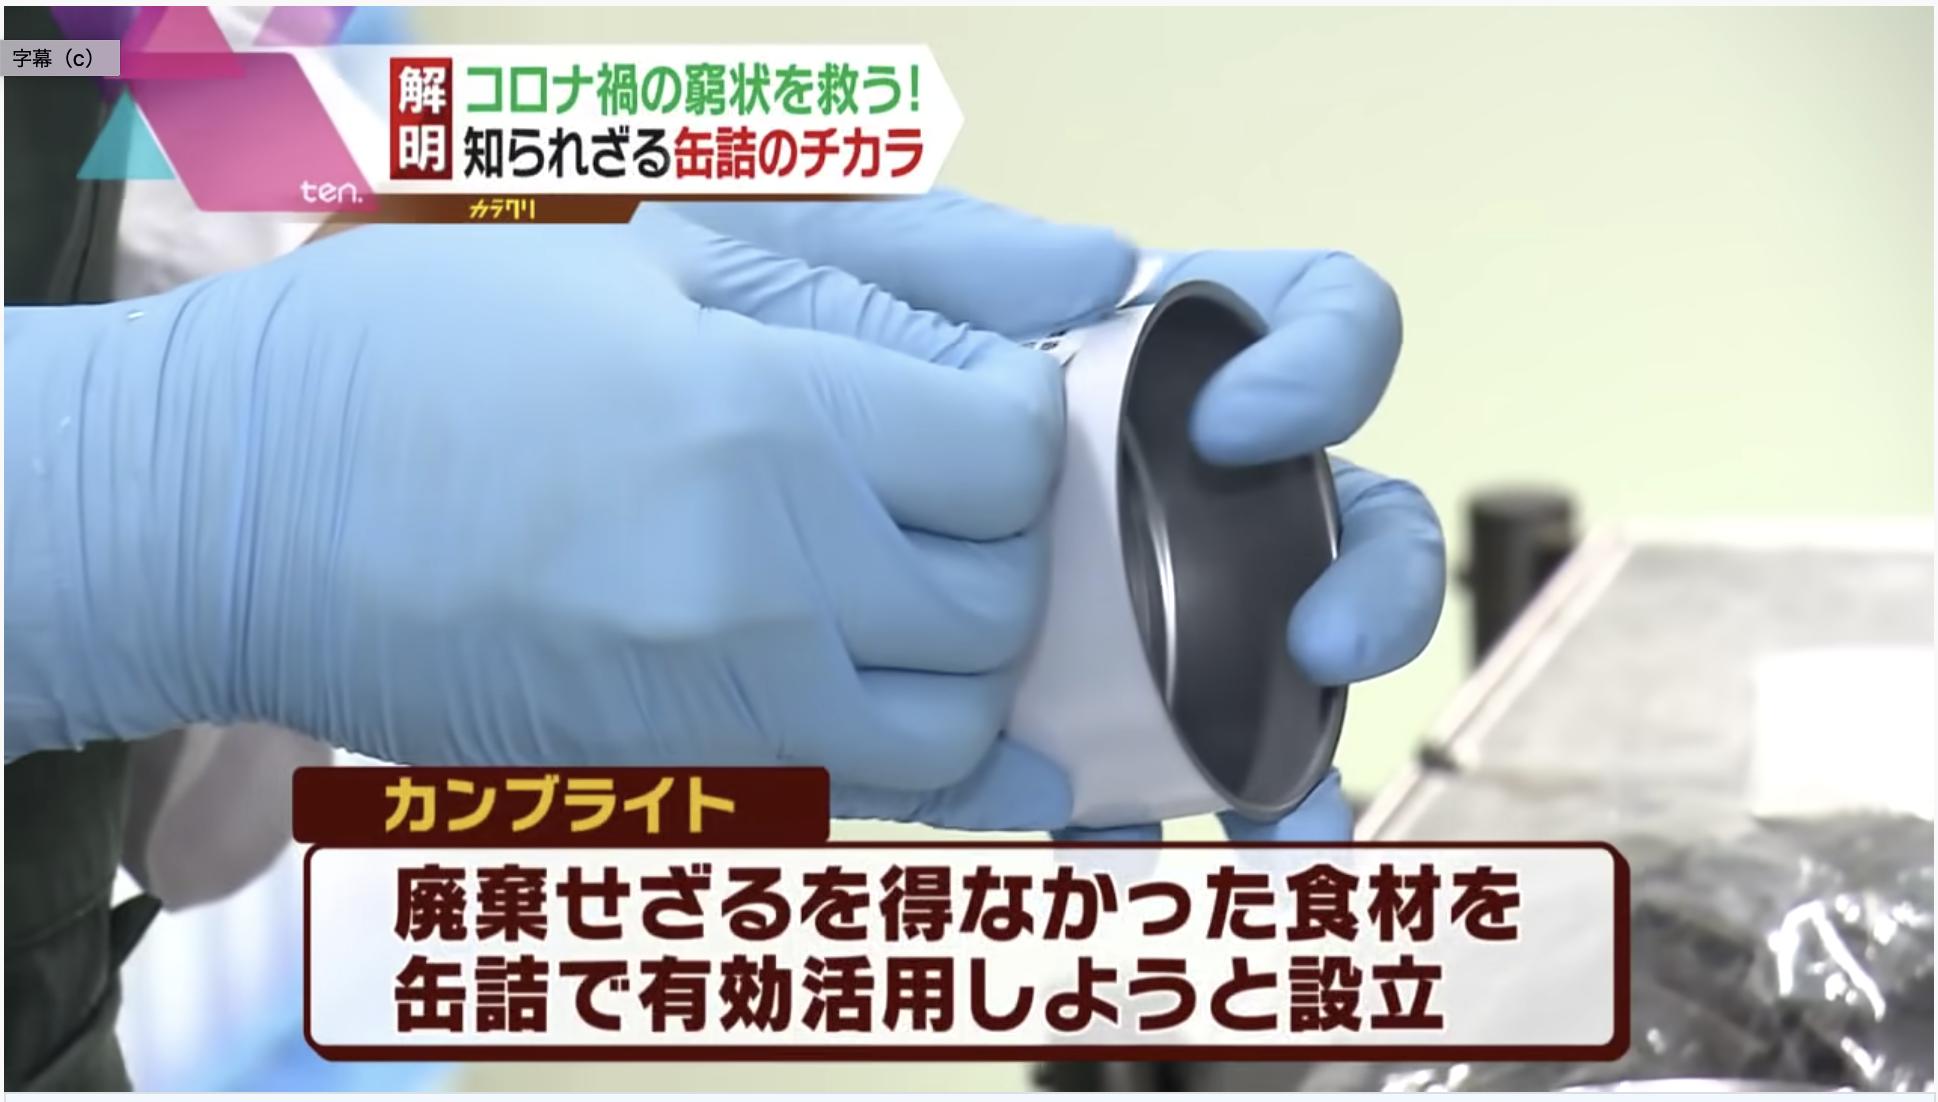 【進化する缶詰】コロナによる飲食業界の苦境を救う!